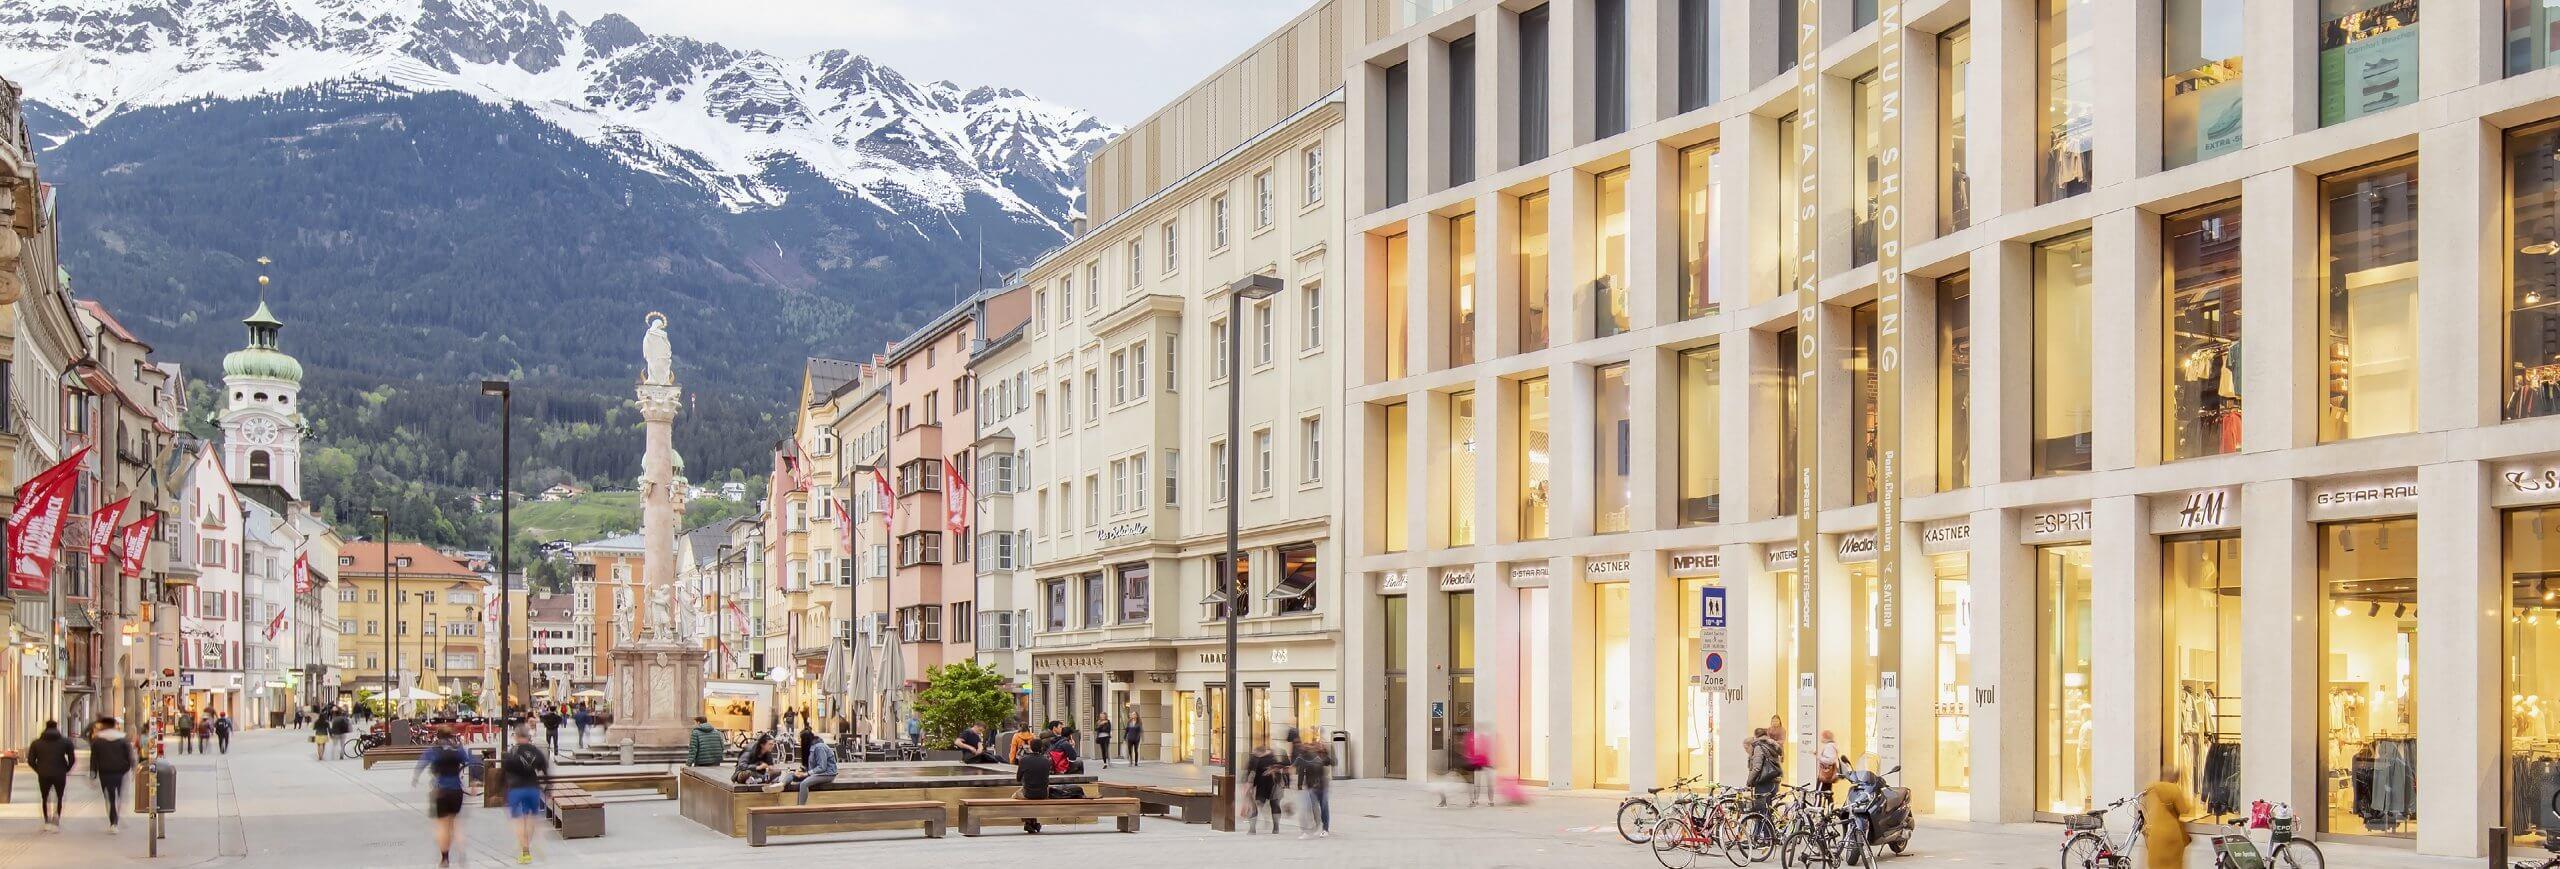 Fassade Kaufhaus Tyrol